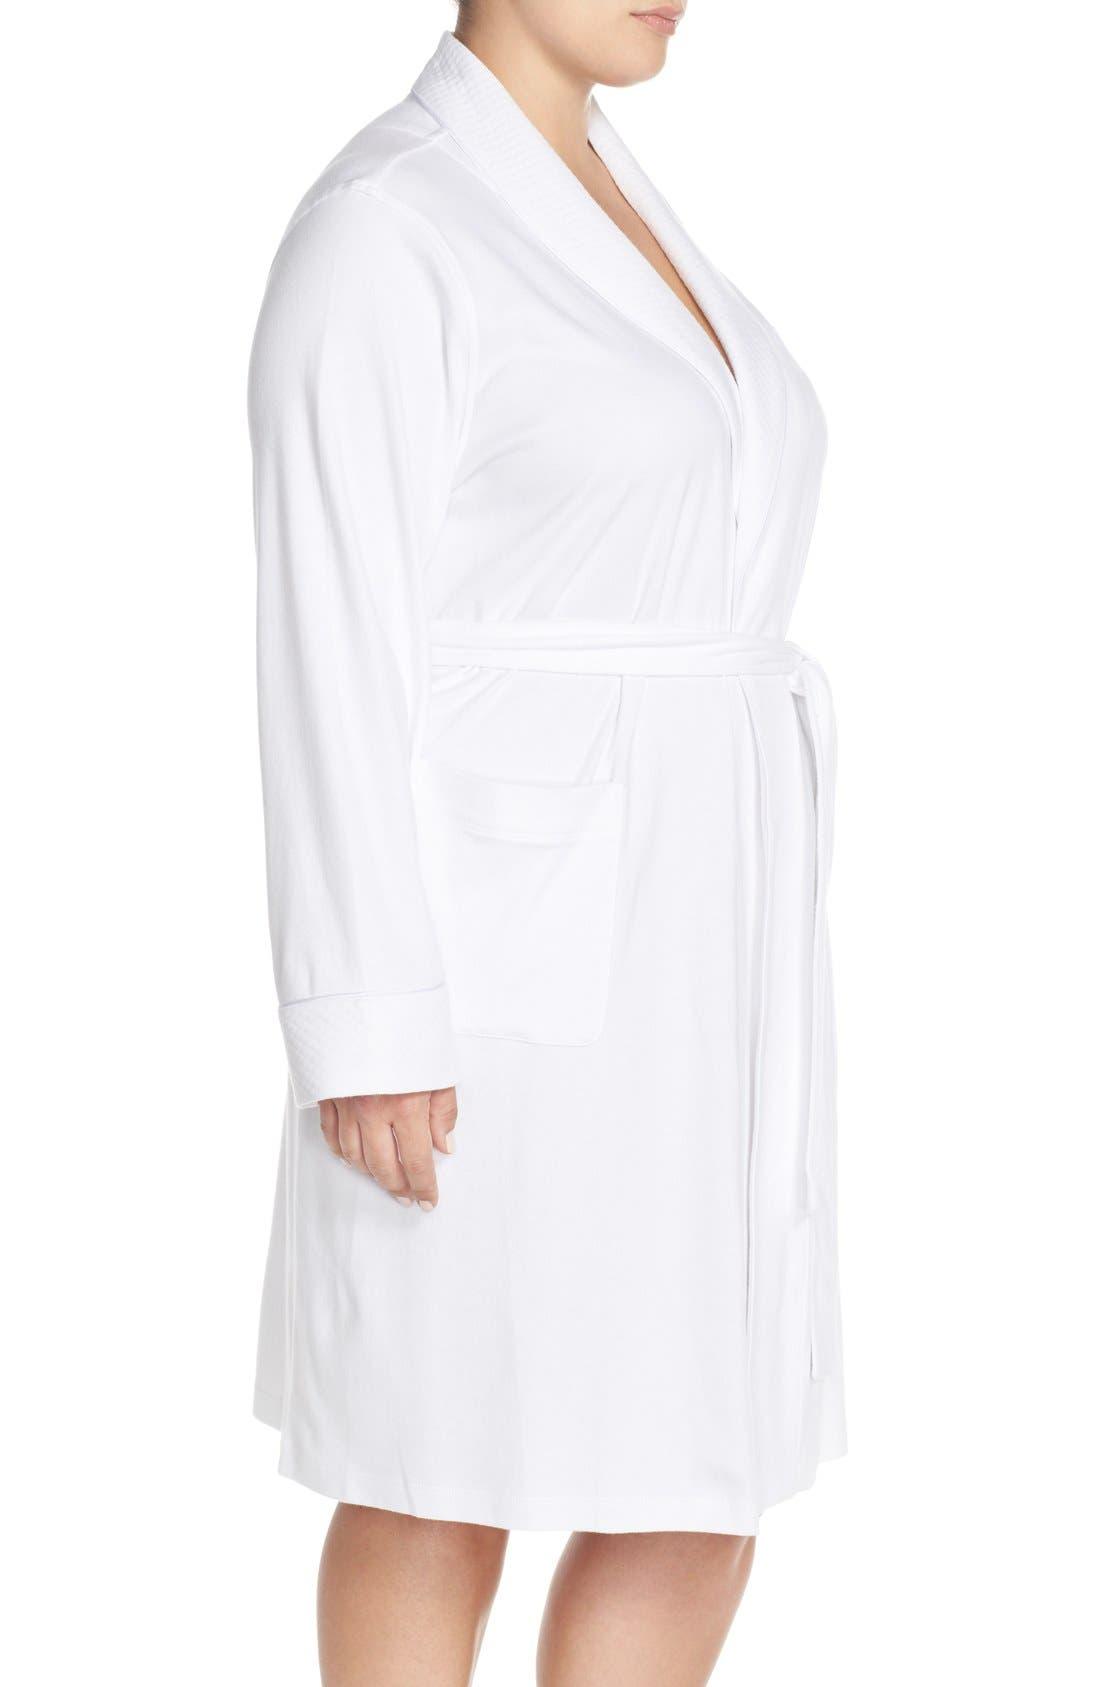 LAUREN RALPH LAUREN, Shawl Collar Robe, Alternate thumbnail 2, color, WHITE